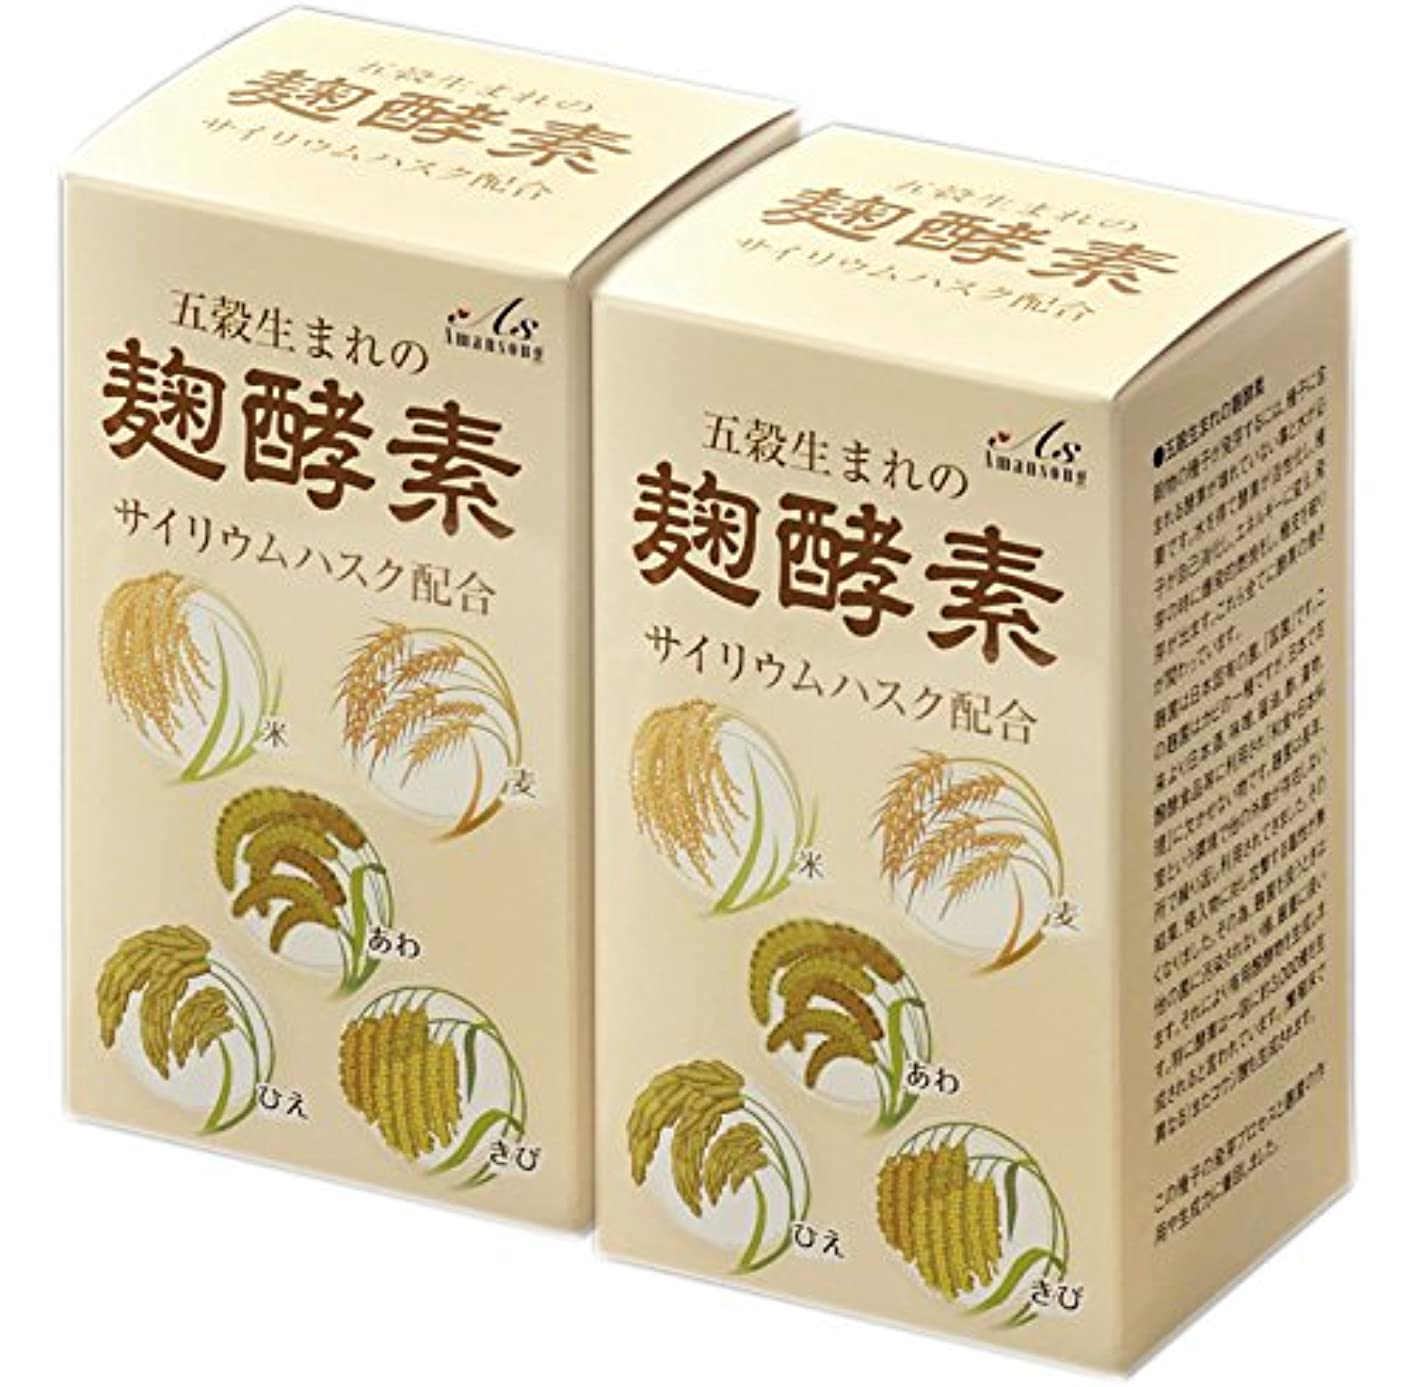 アレイ症状マサッチョA?S 2箱セット五穀生まれの麹酵素 更に1箱プレゼント、更に「活きてる酵素だし」1袋プレゼント